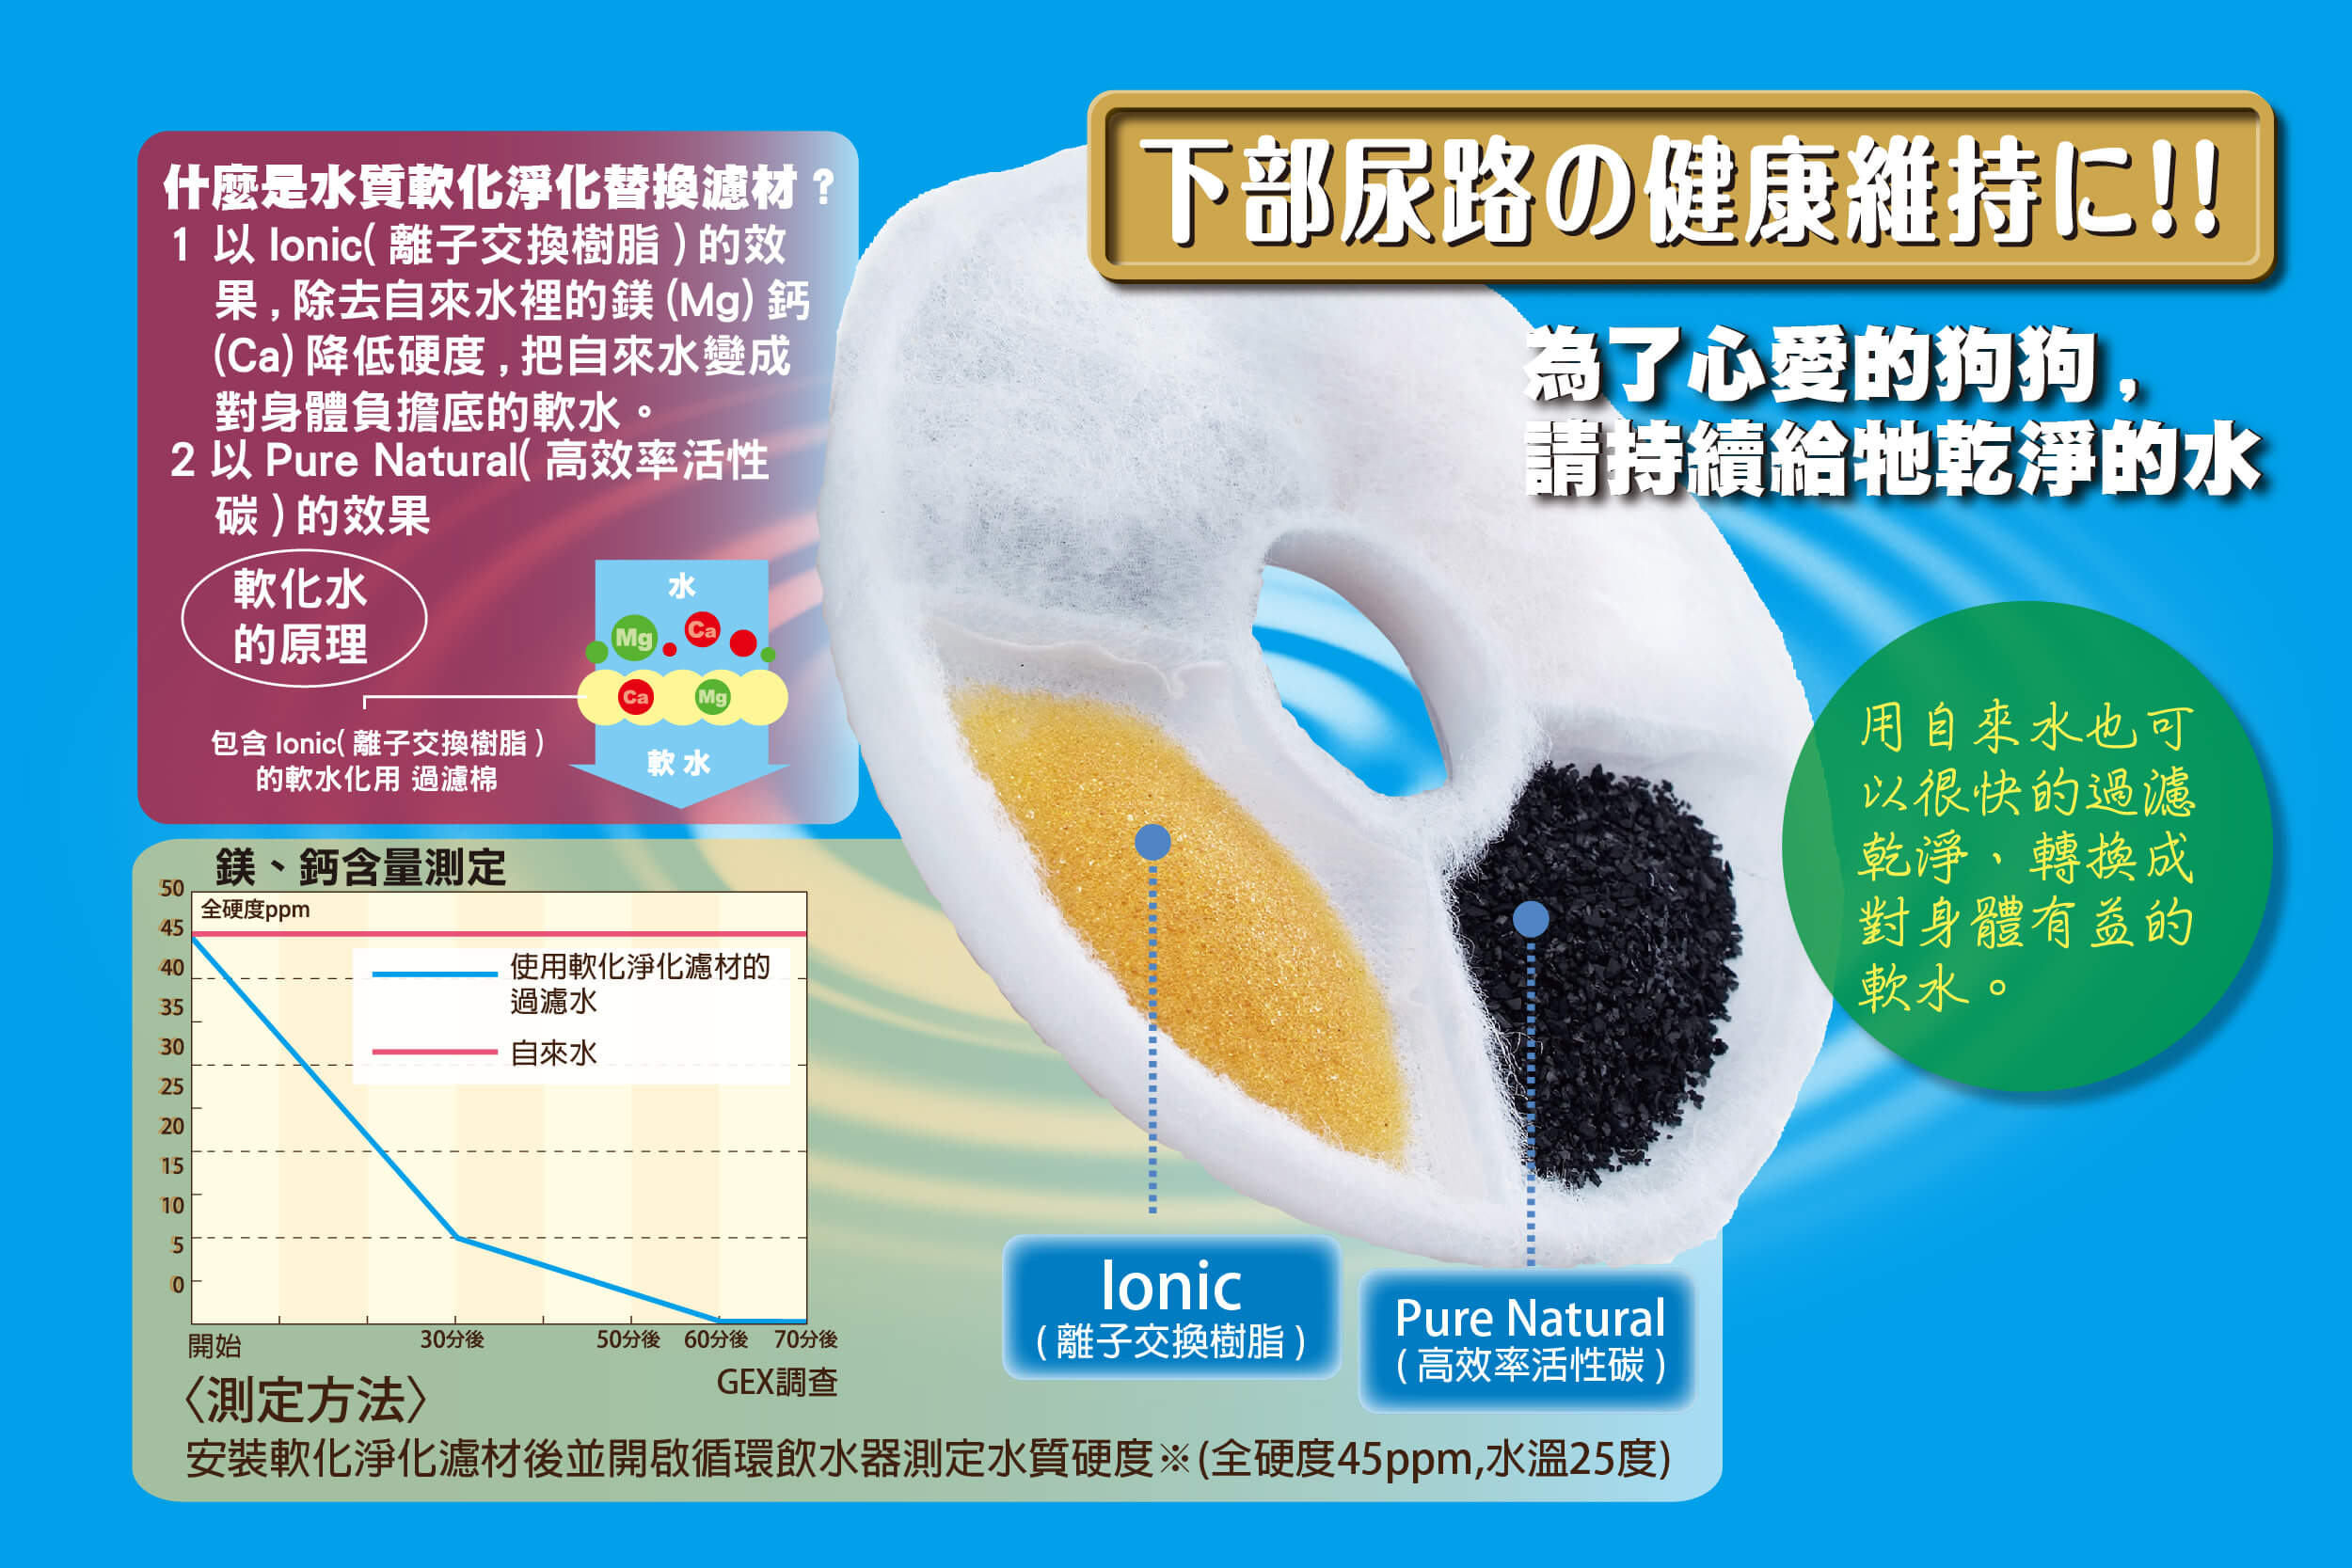 GEX-犬用淨水寵物飲水器1.8L(狗狗飲水機)-圖3